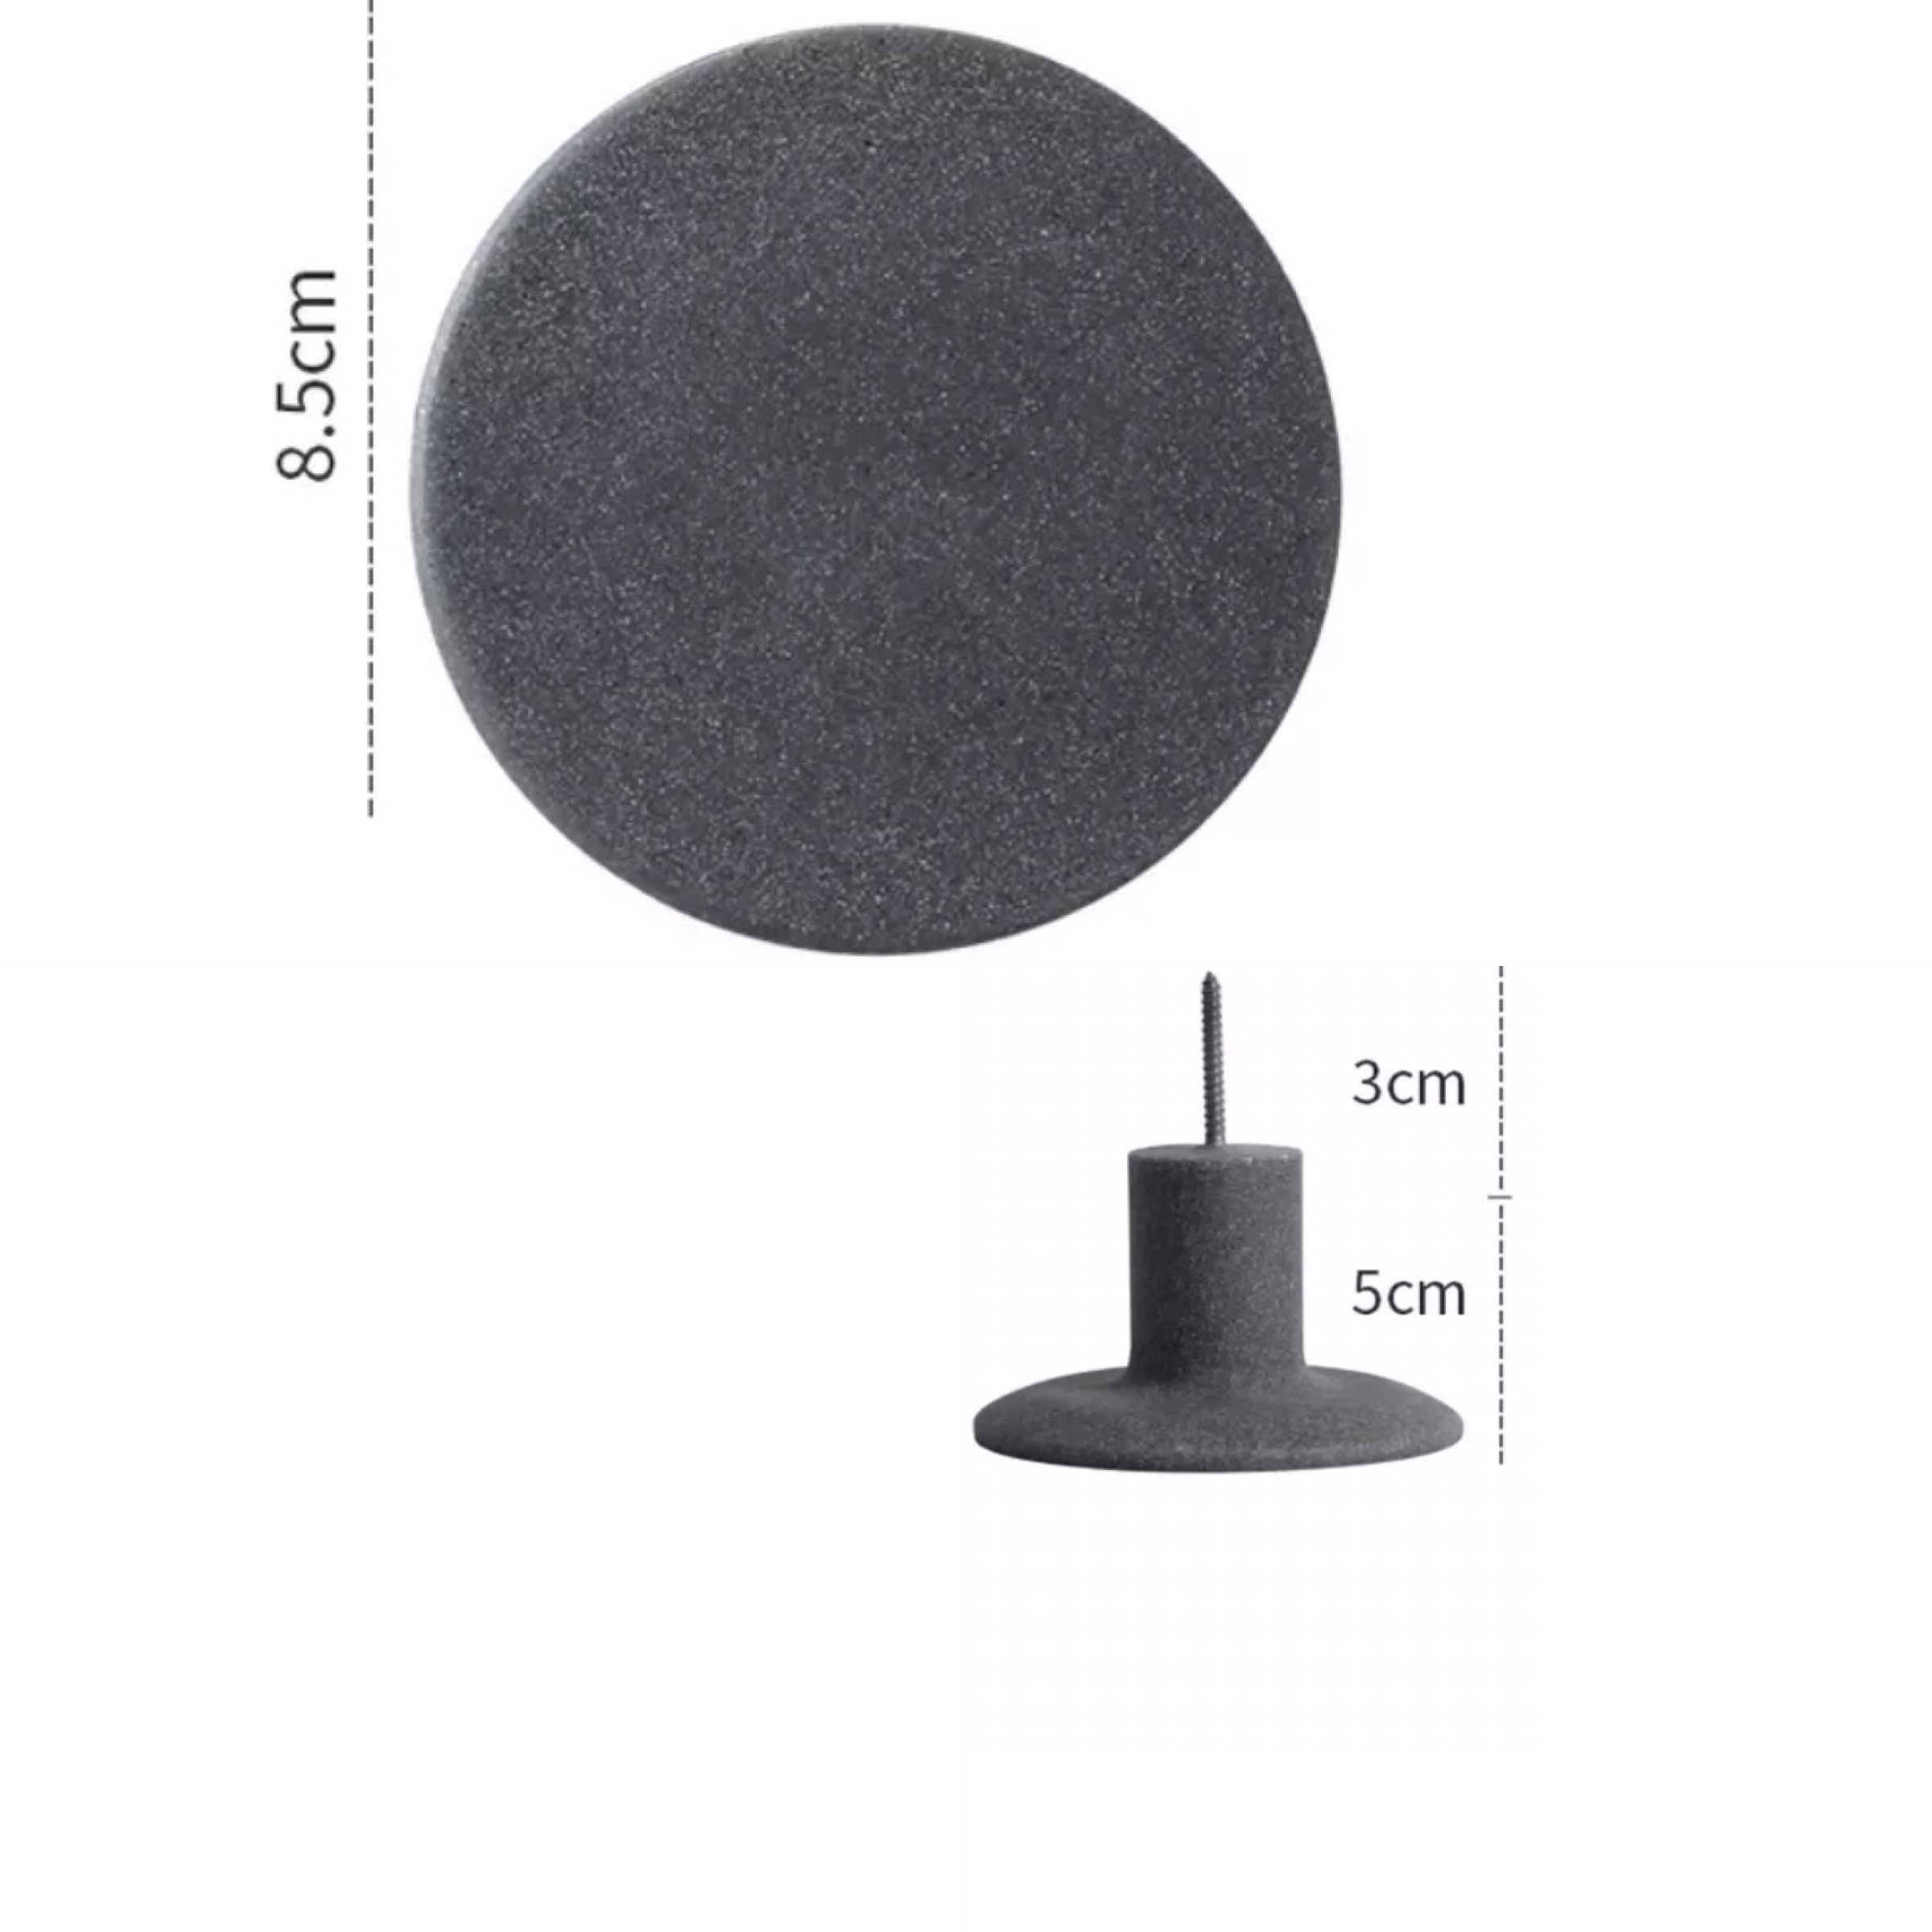 Wandhaak grijs 8,5 cm kopen?